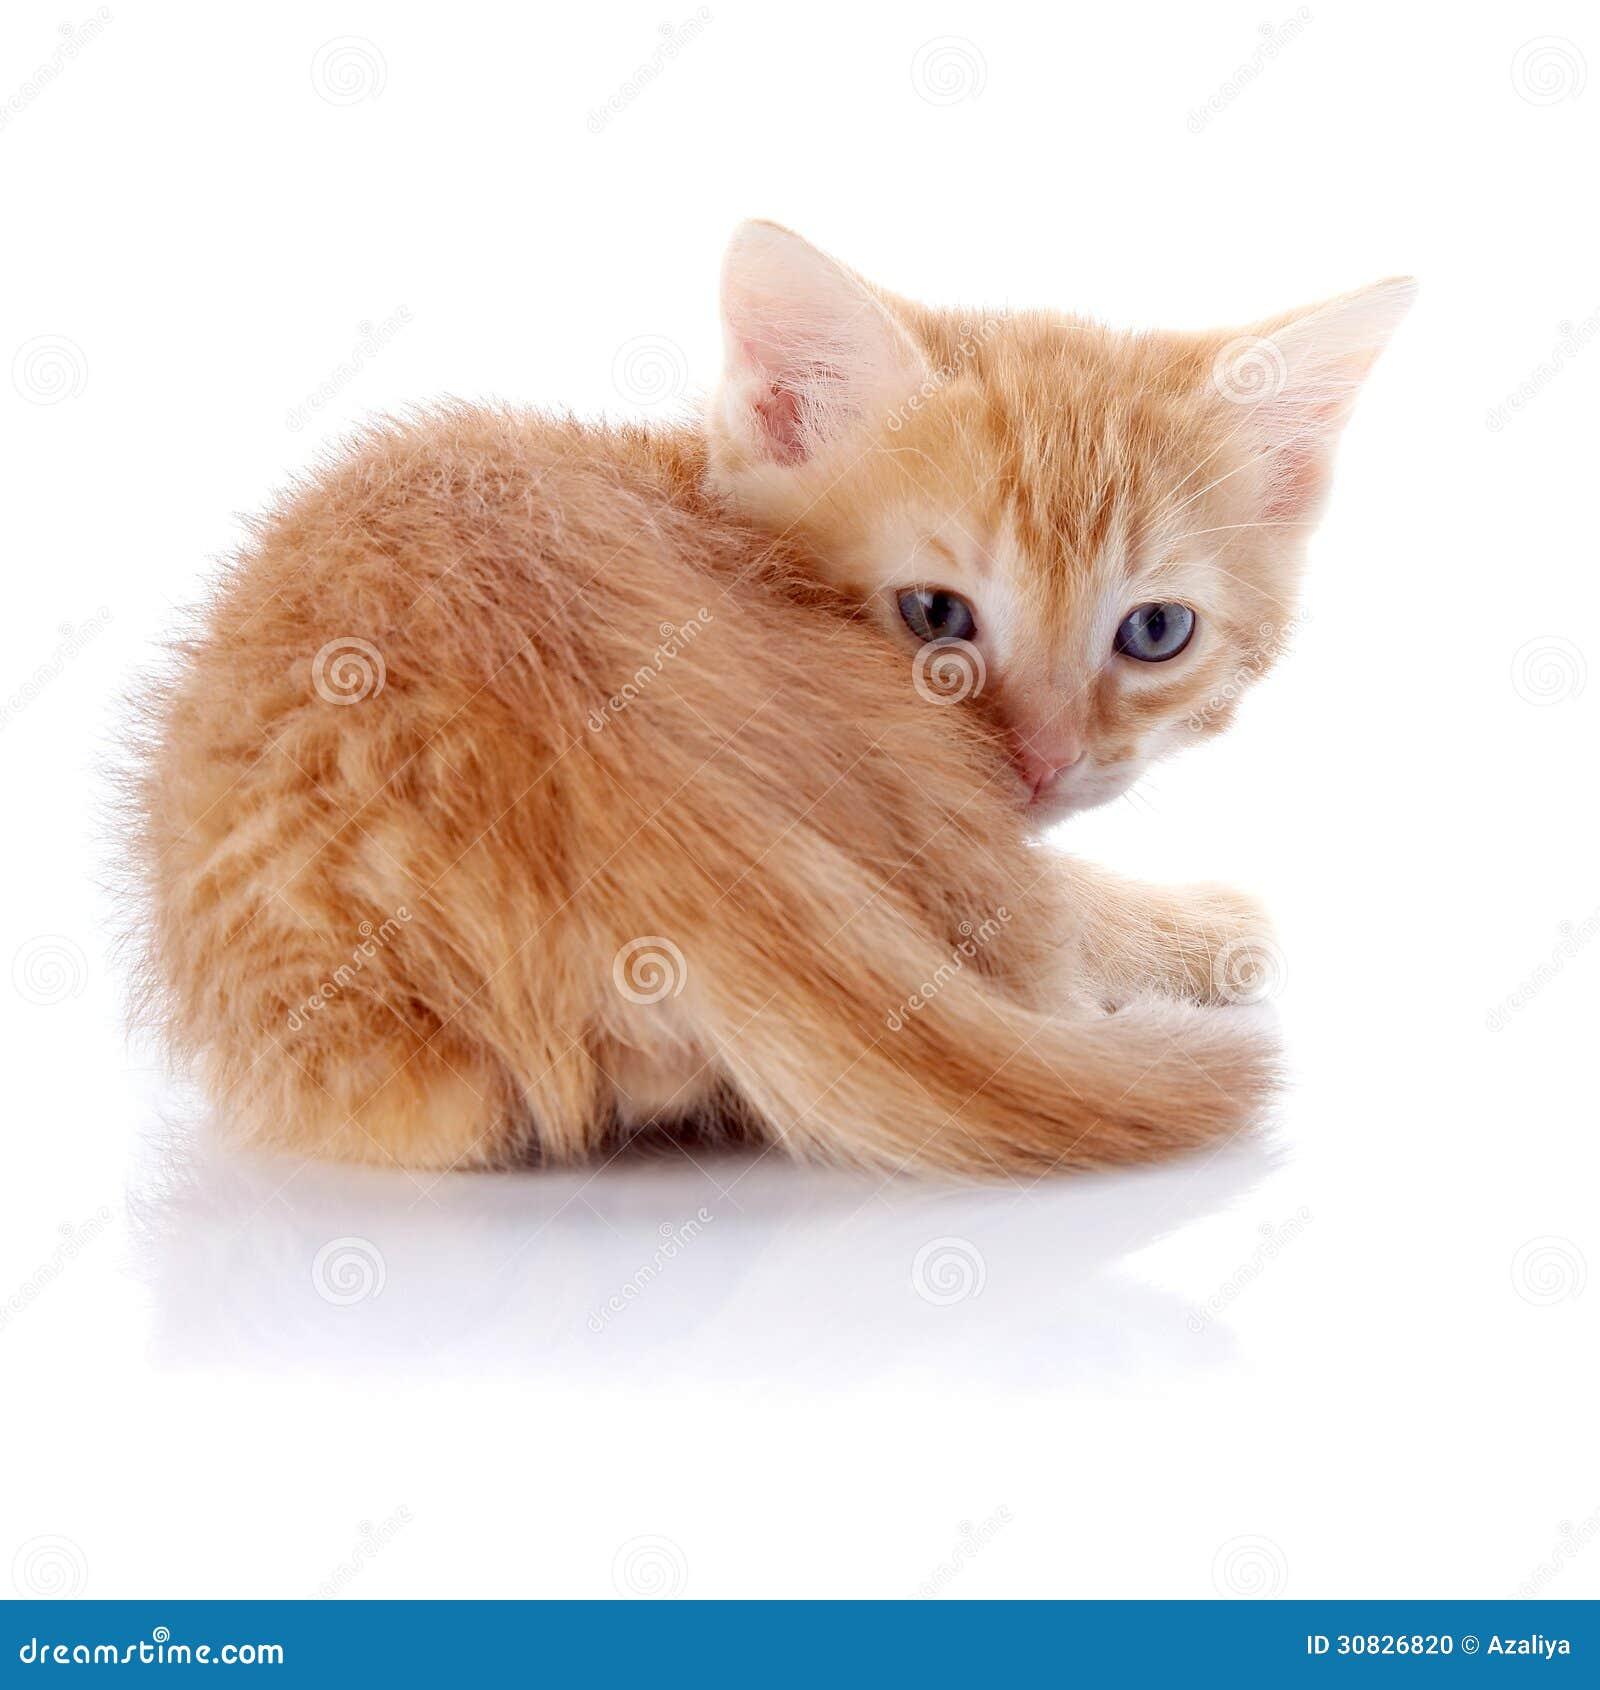 Piccolo un gattino rosso su un fondo bianco.